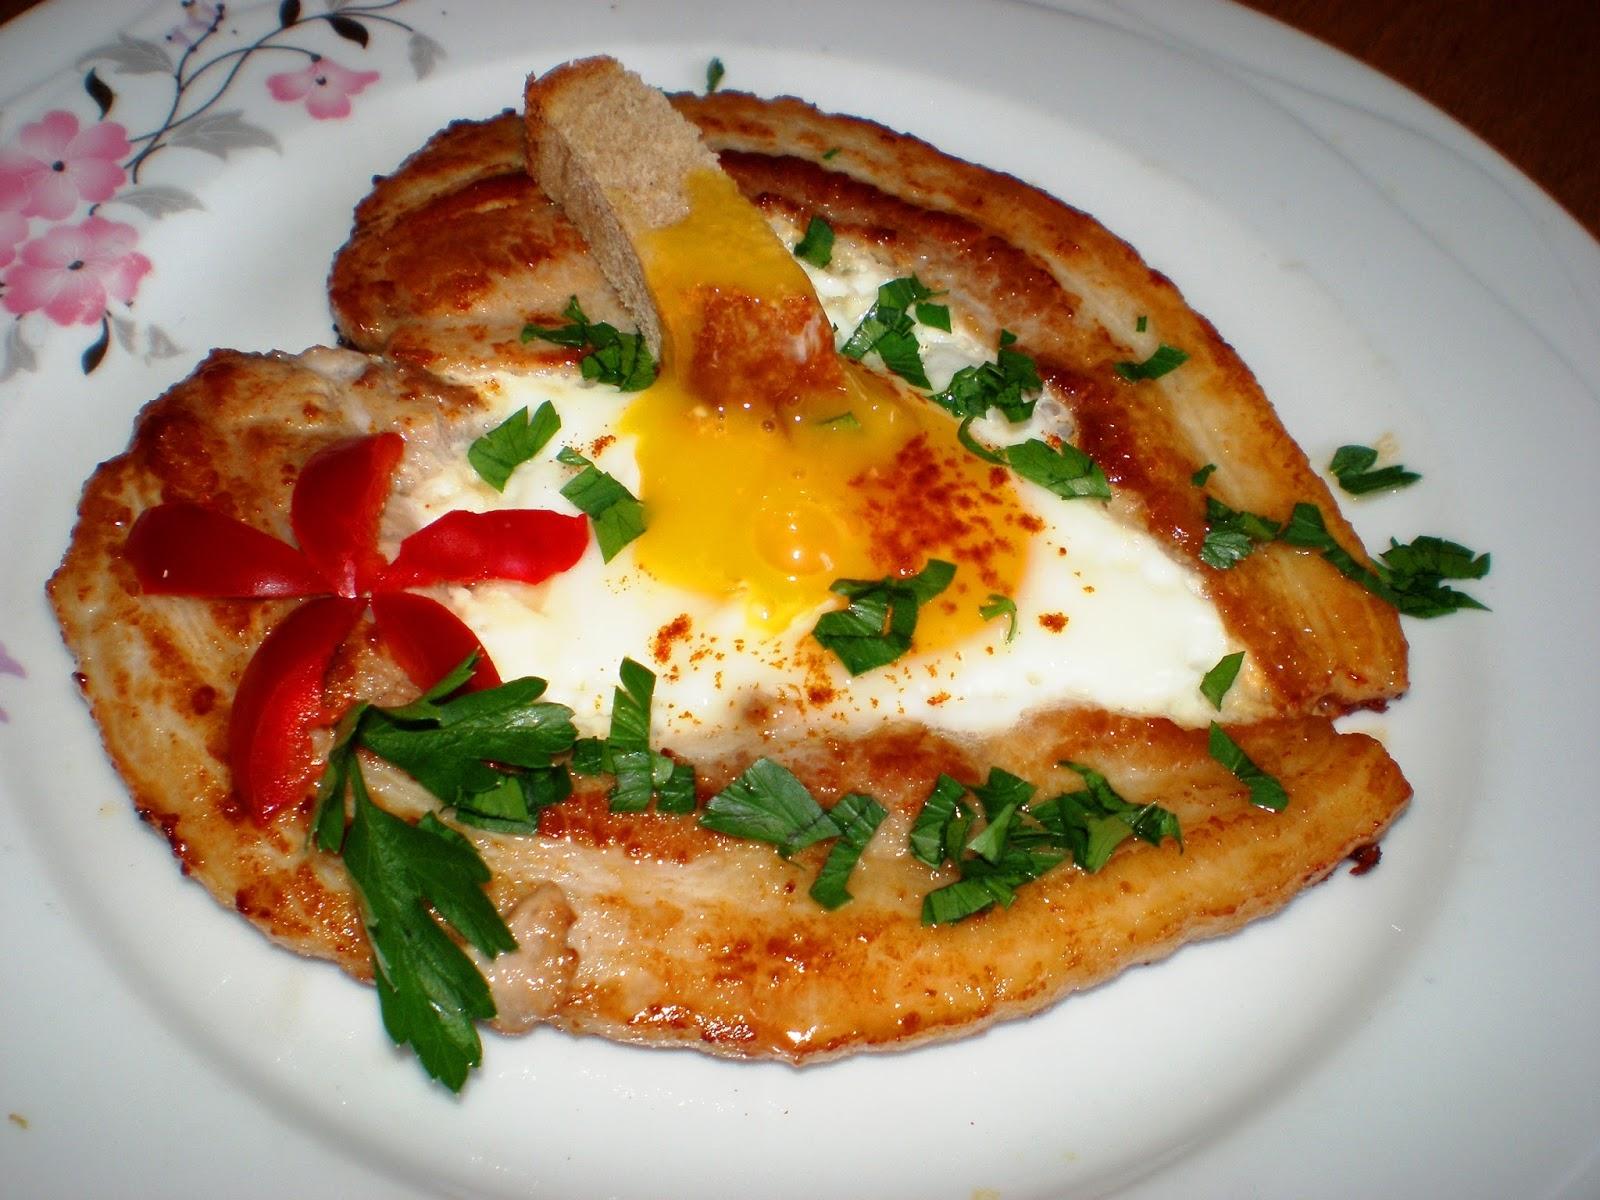 Mic dejun cu ouă și piept de porc